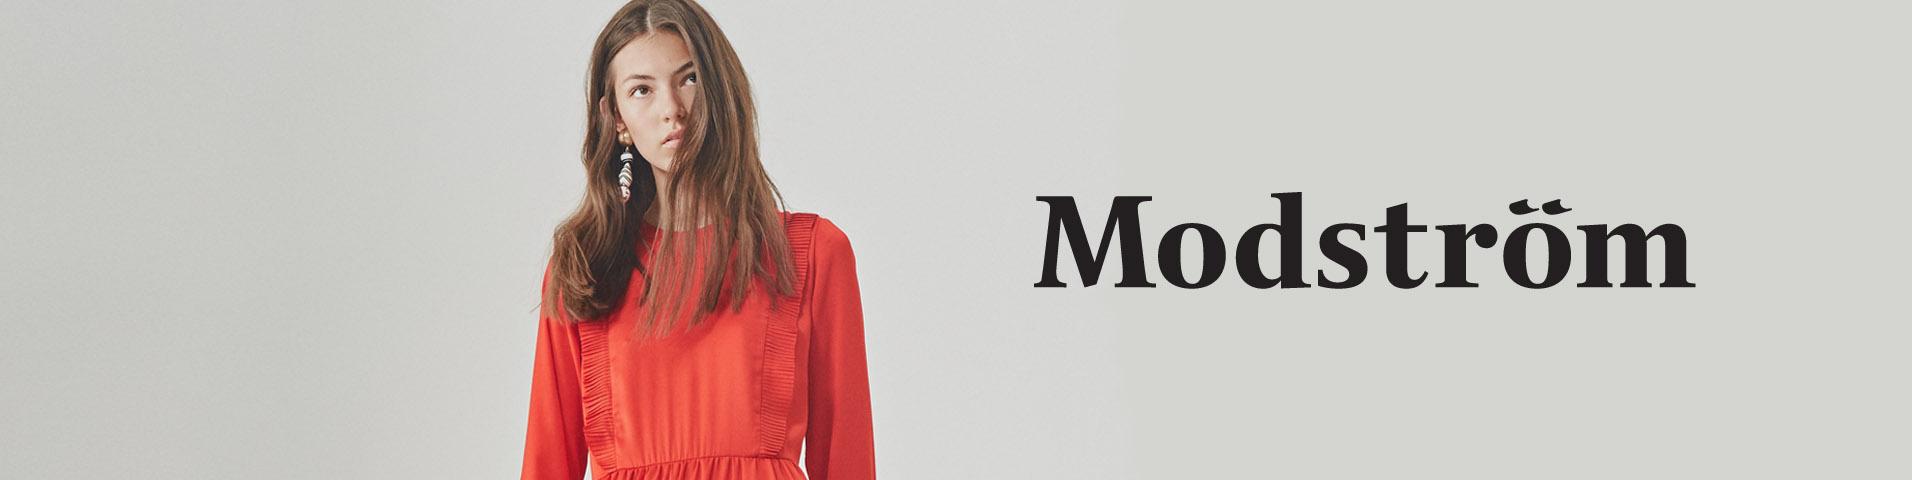 5e06c9f9959 Modström | Comprar la nueva colección online en ZALANDO